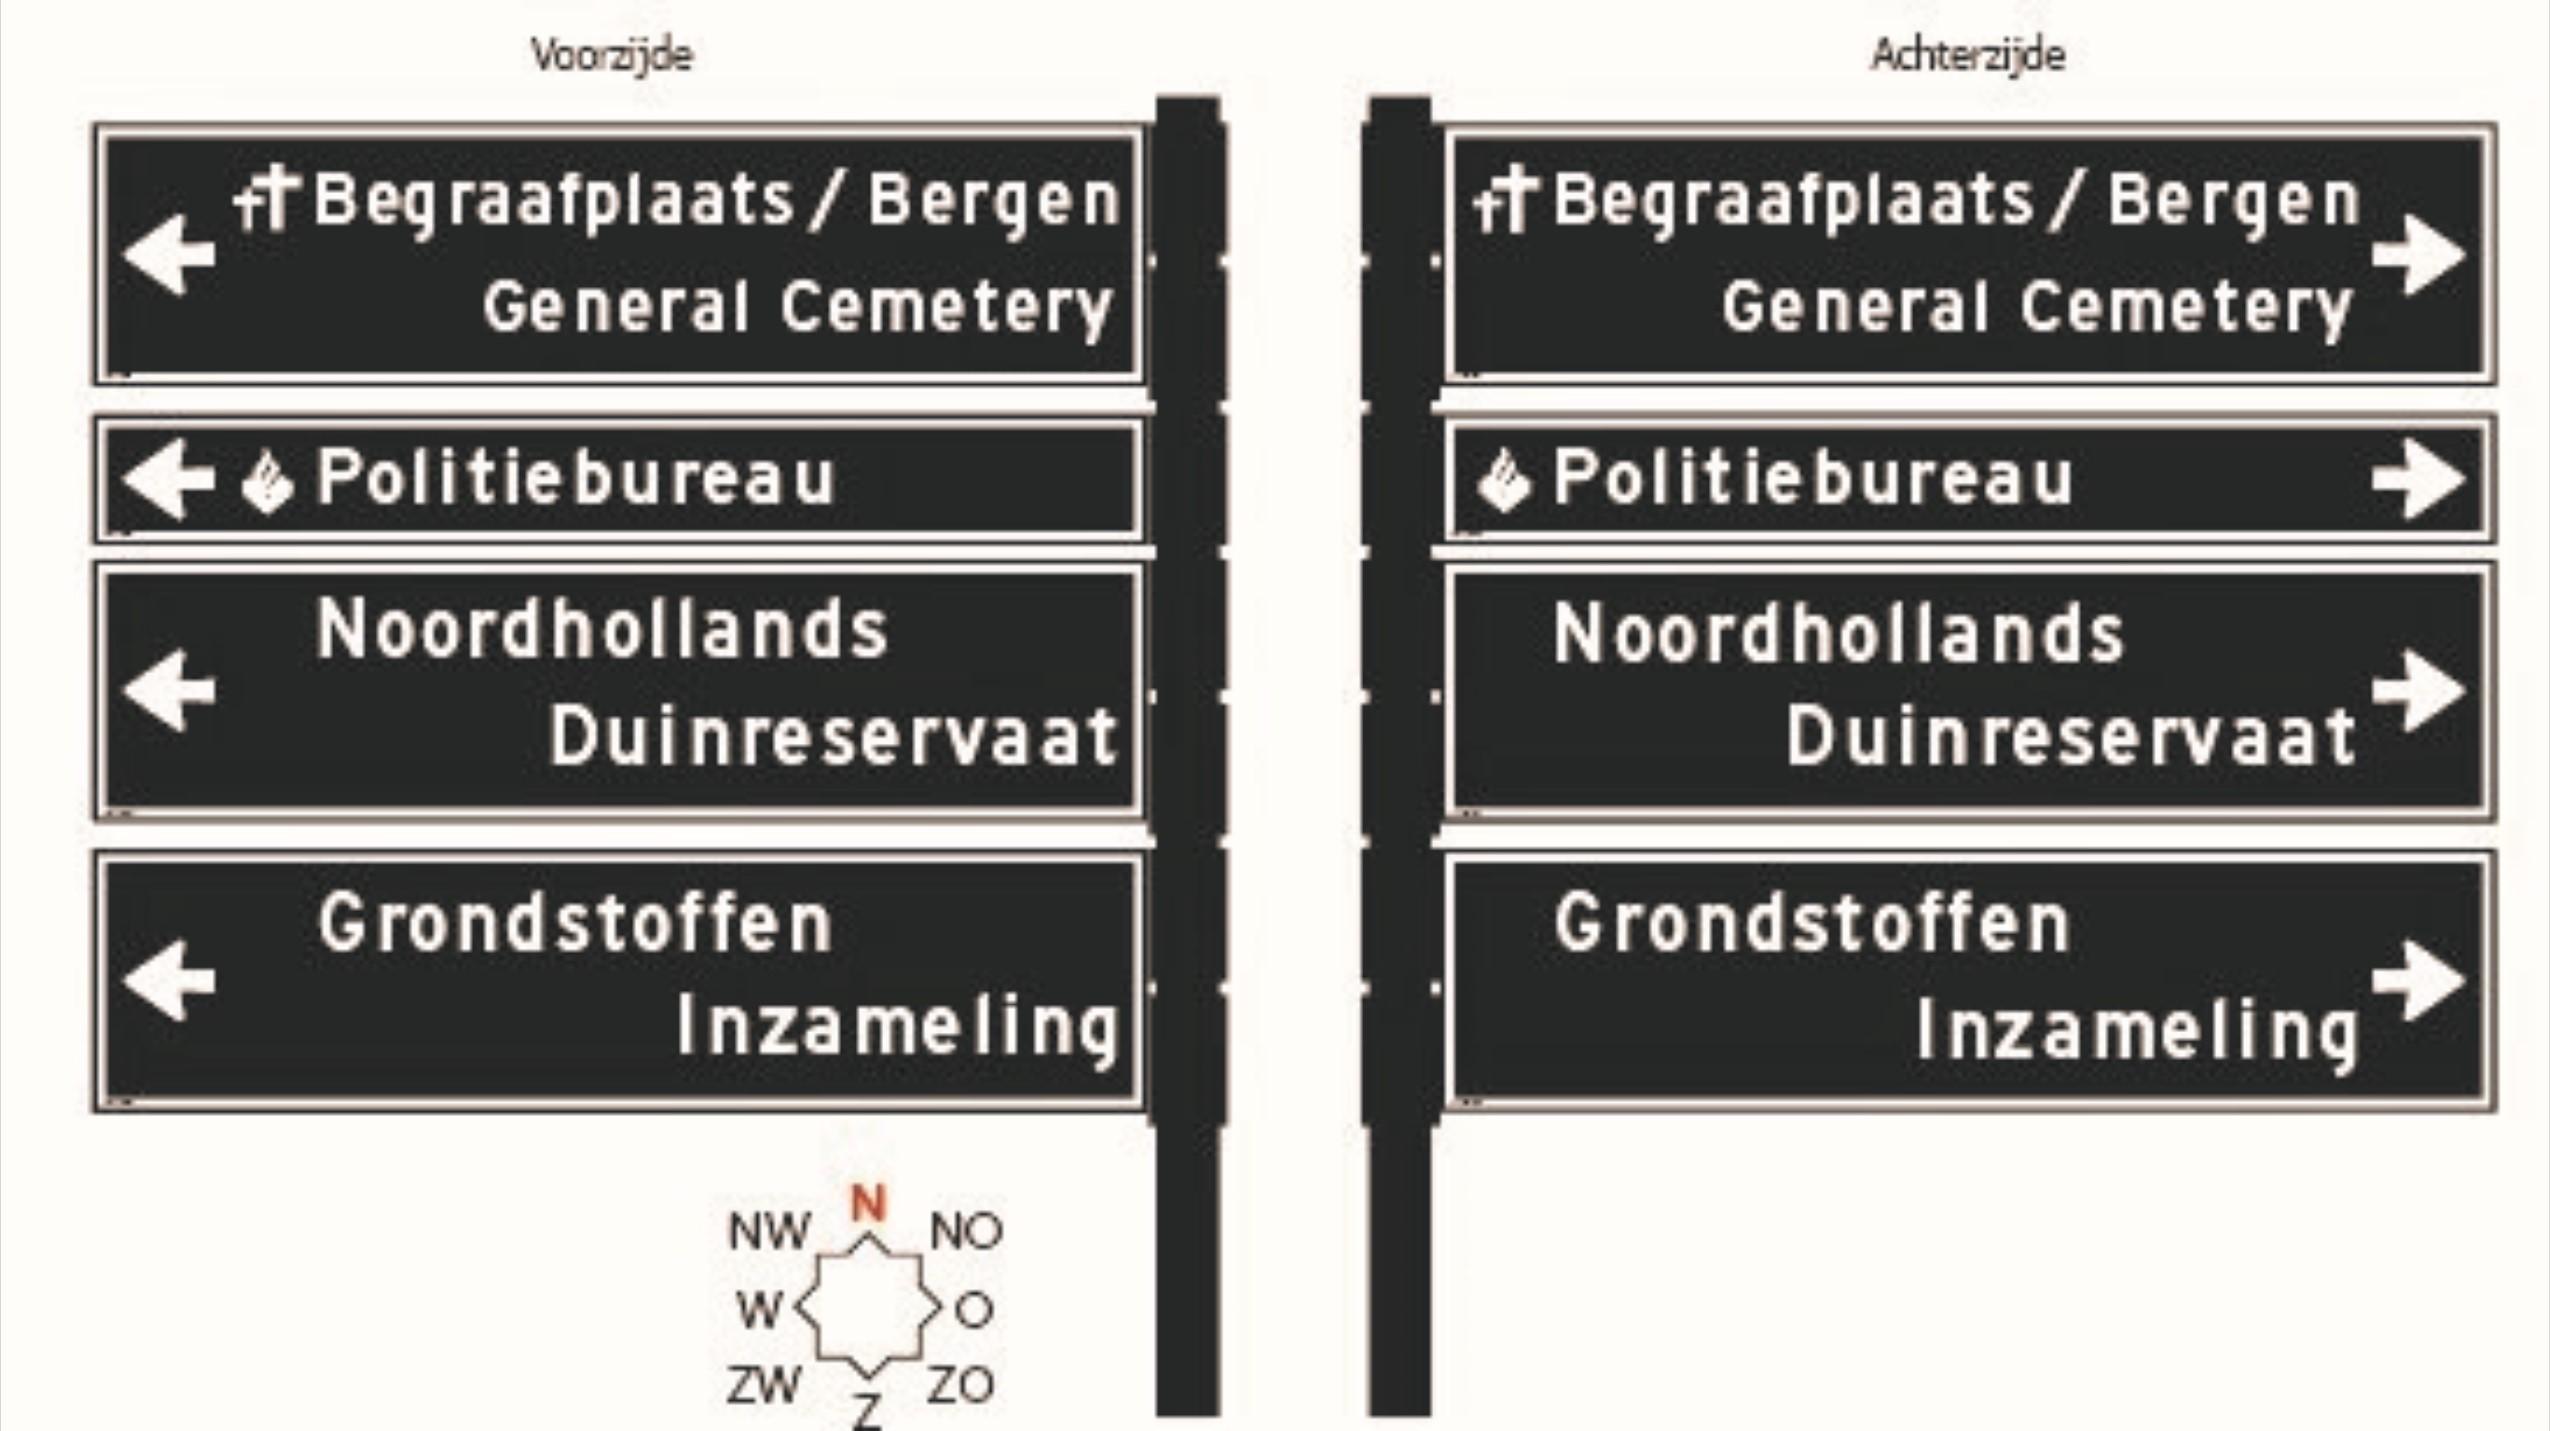 Renovatie objectbewegwijzering gemeente Bergen (NH)